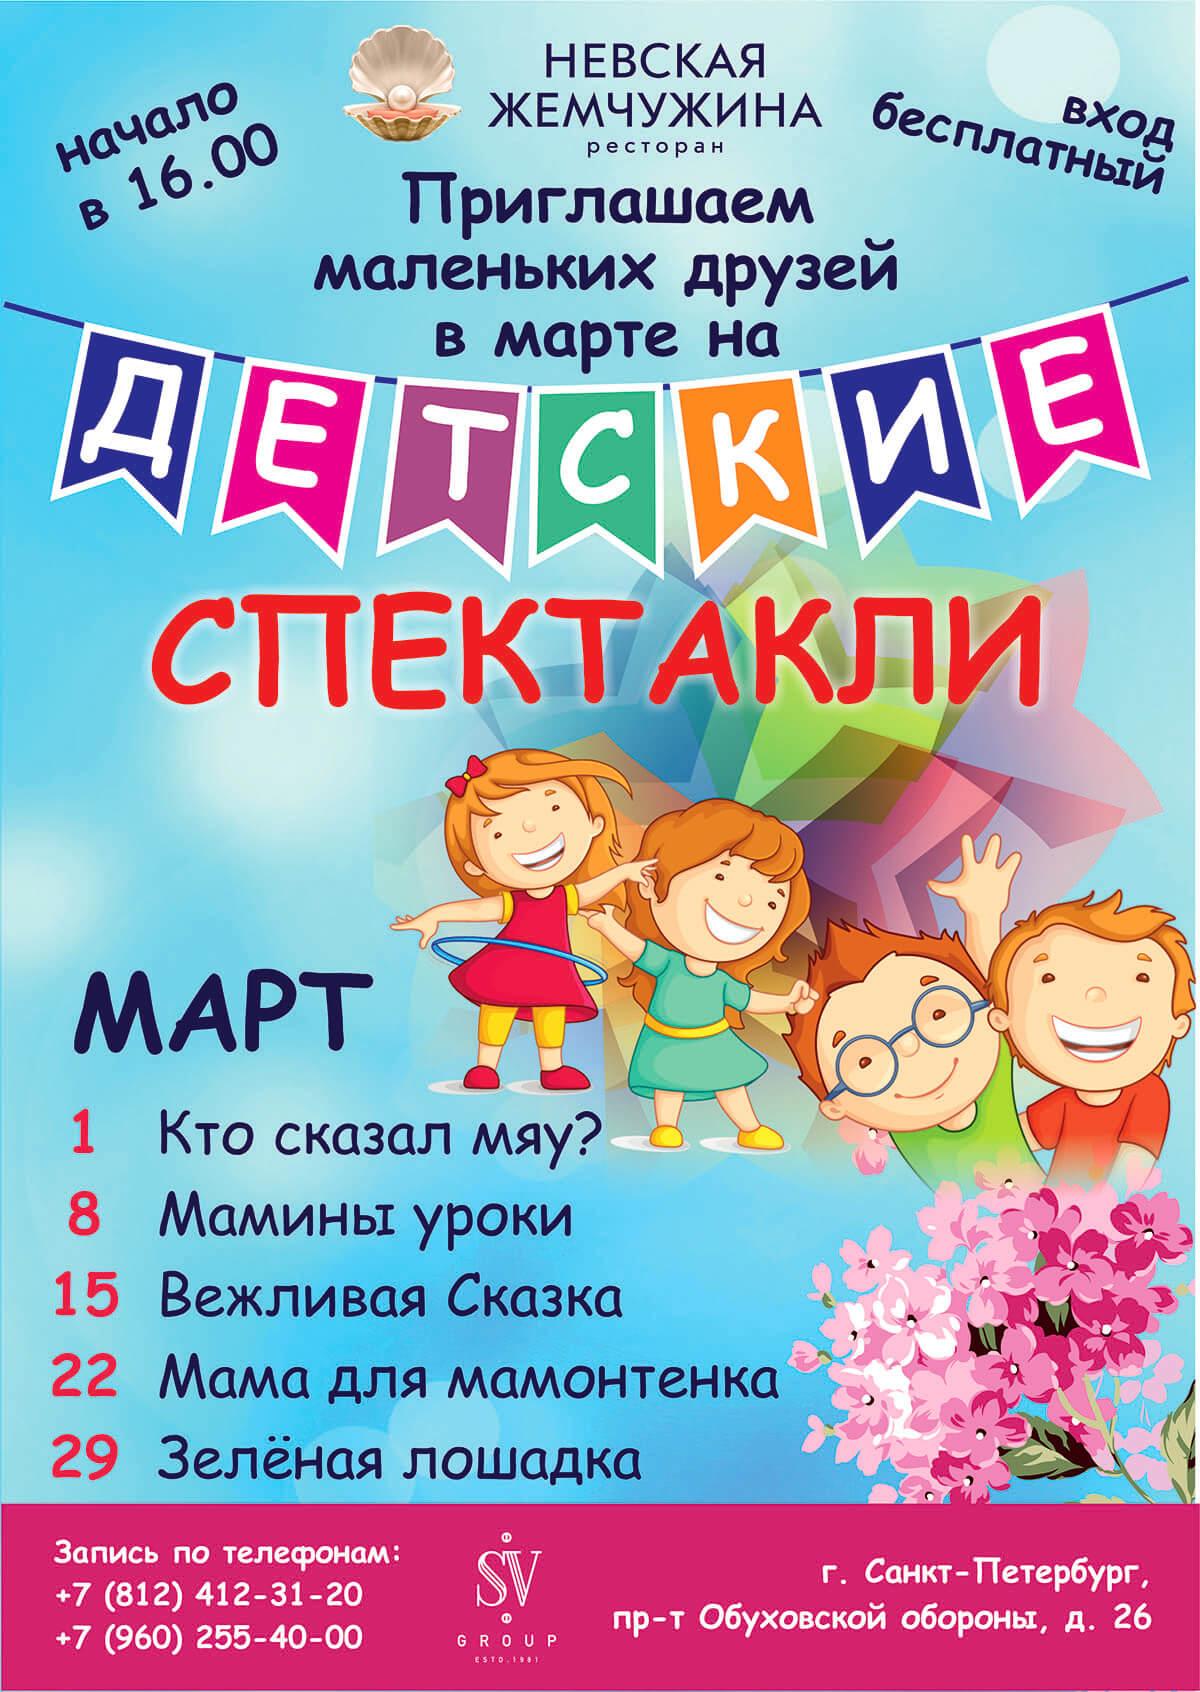 Афиша мероприятий на март - Невская жемчужина